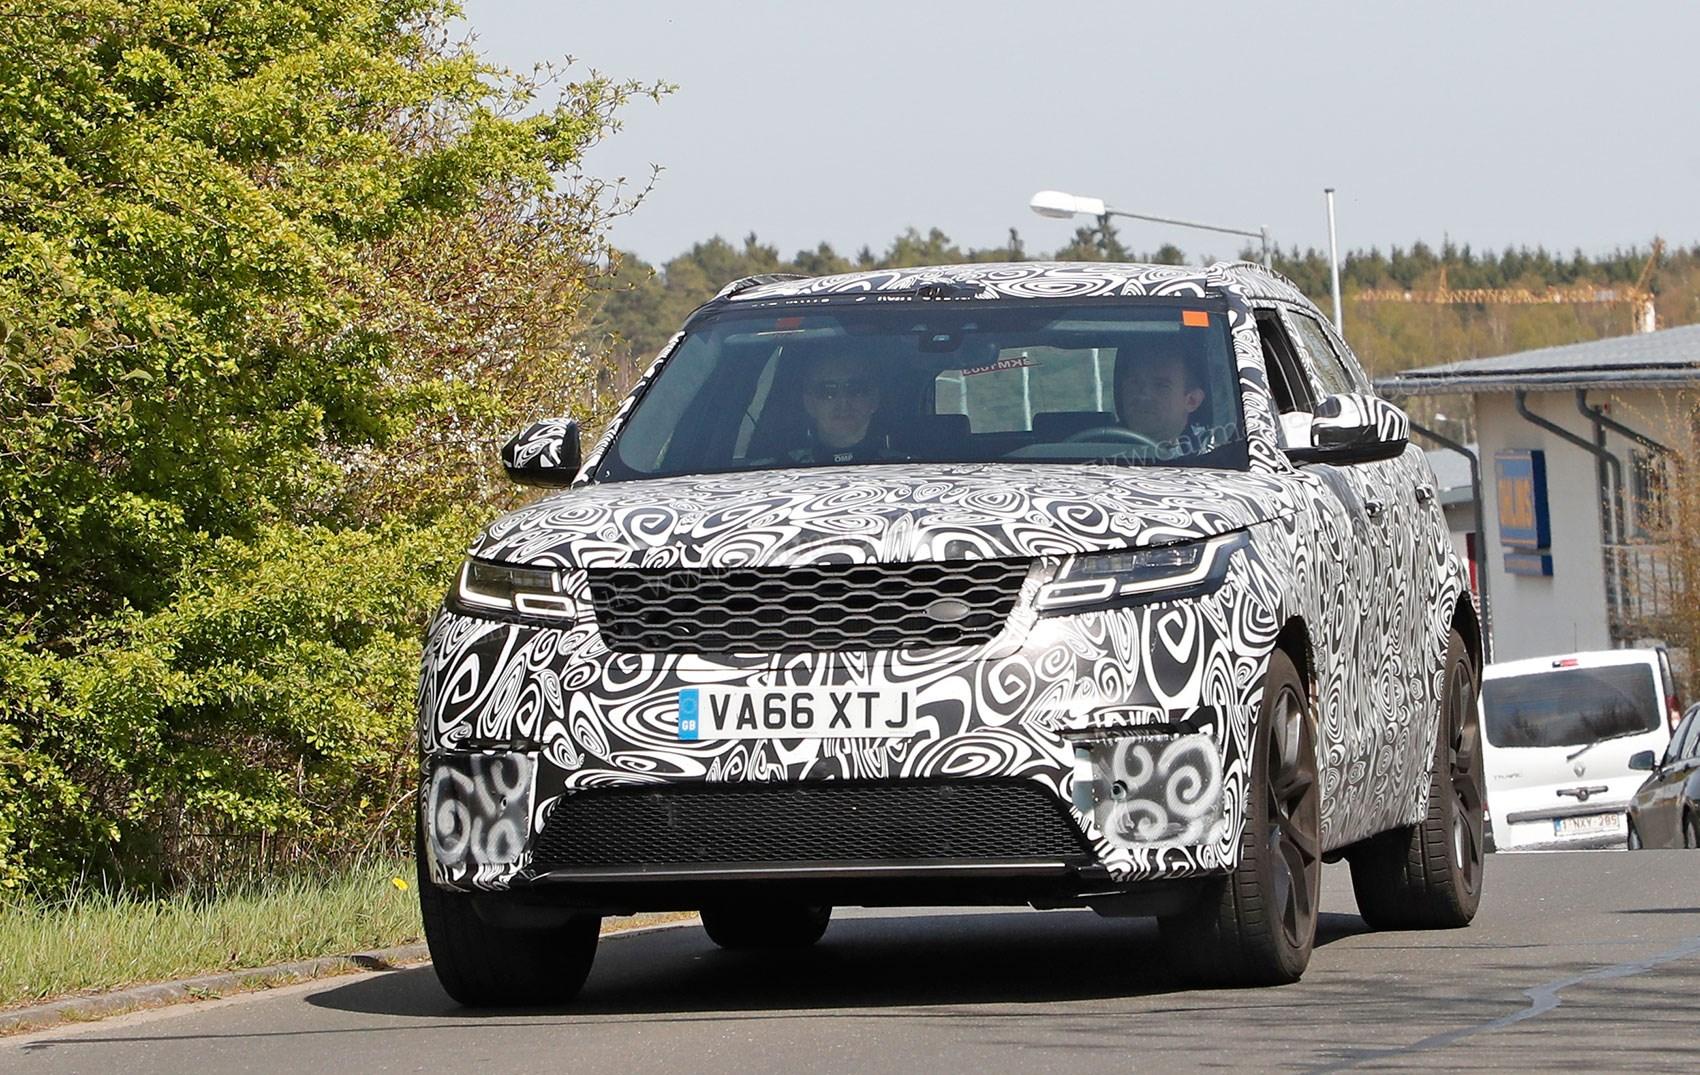 The New Range Rover Velar Svr